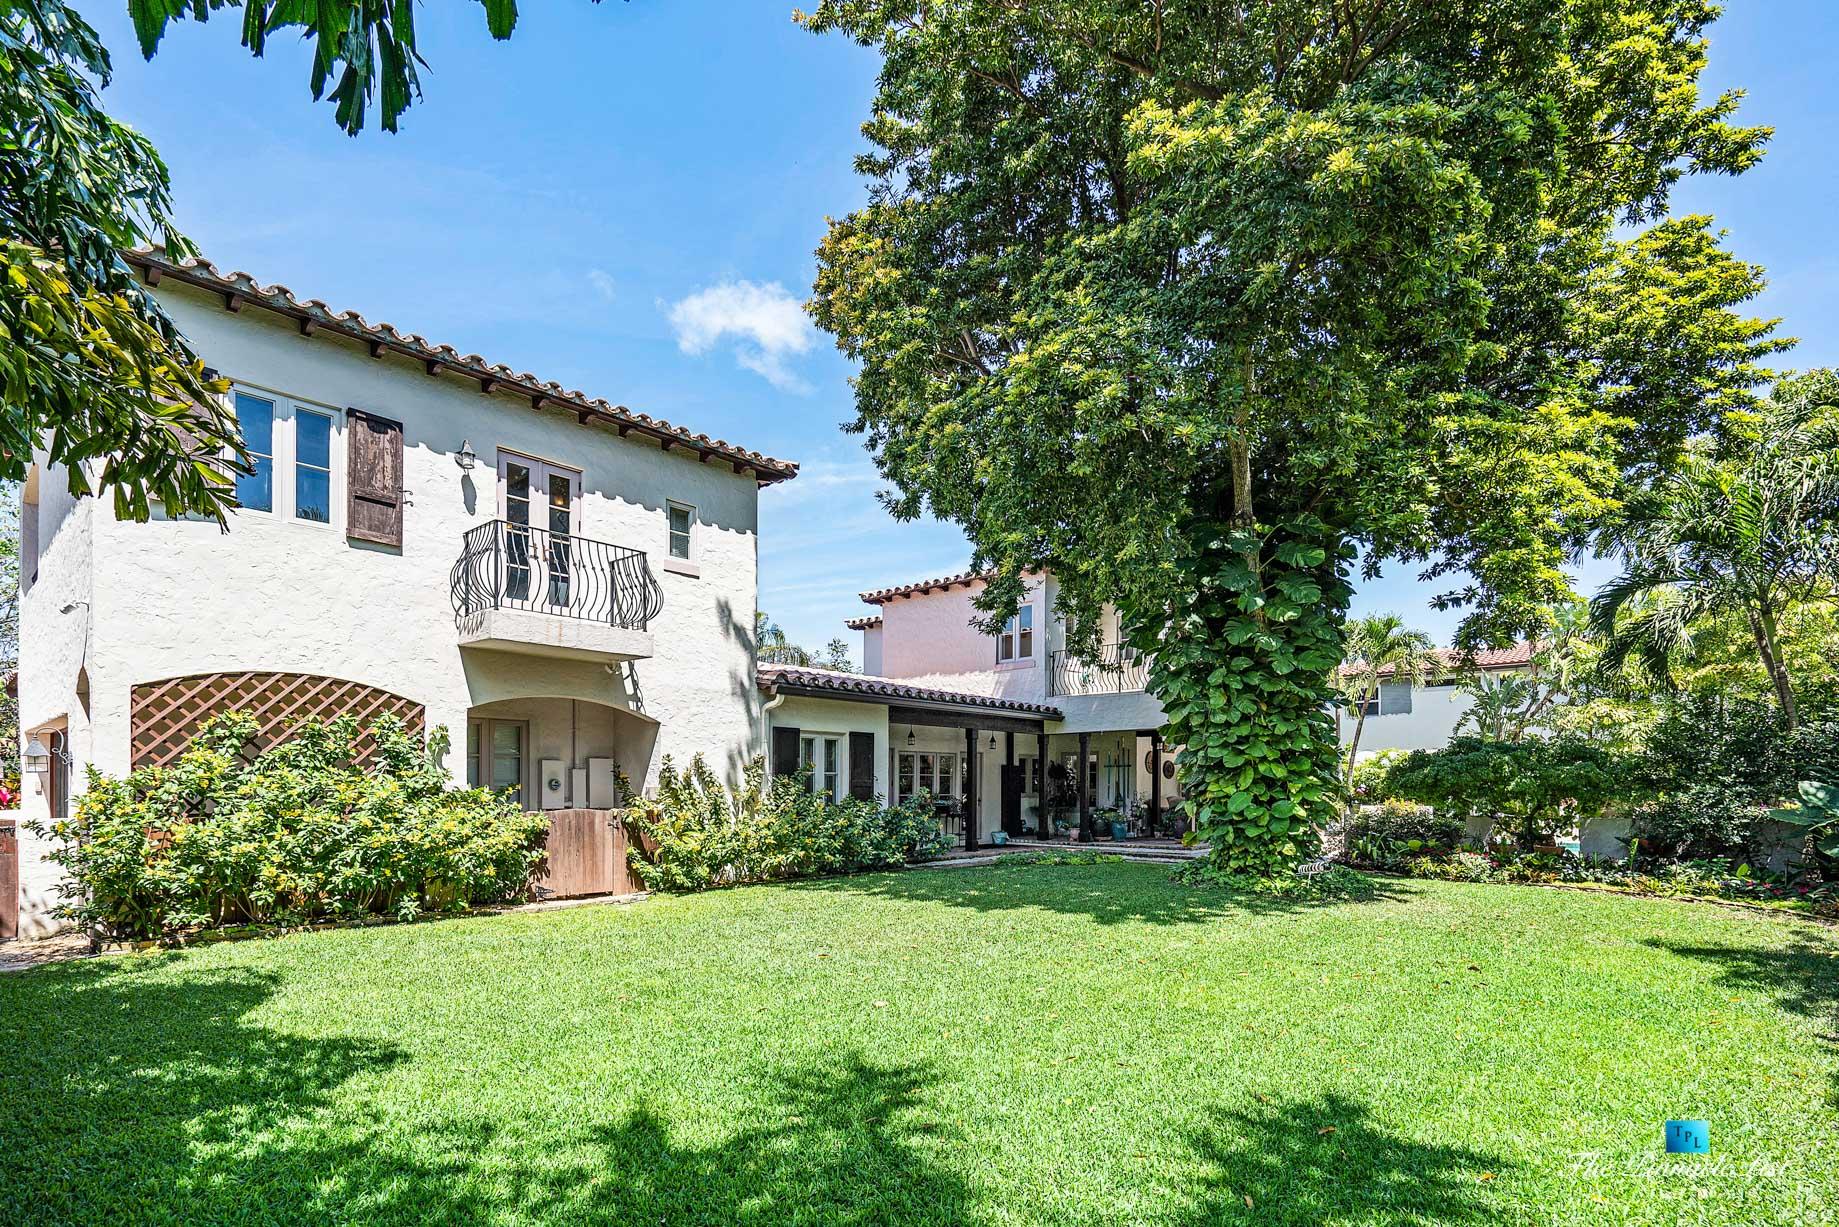 888 Oleander St, Boca Raton, FL, USA – Luxury Real Estate – Old Floresta Estate Home – Backyard